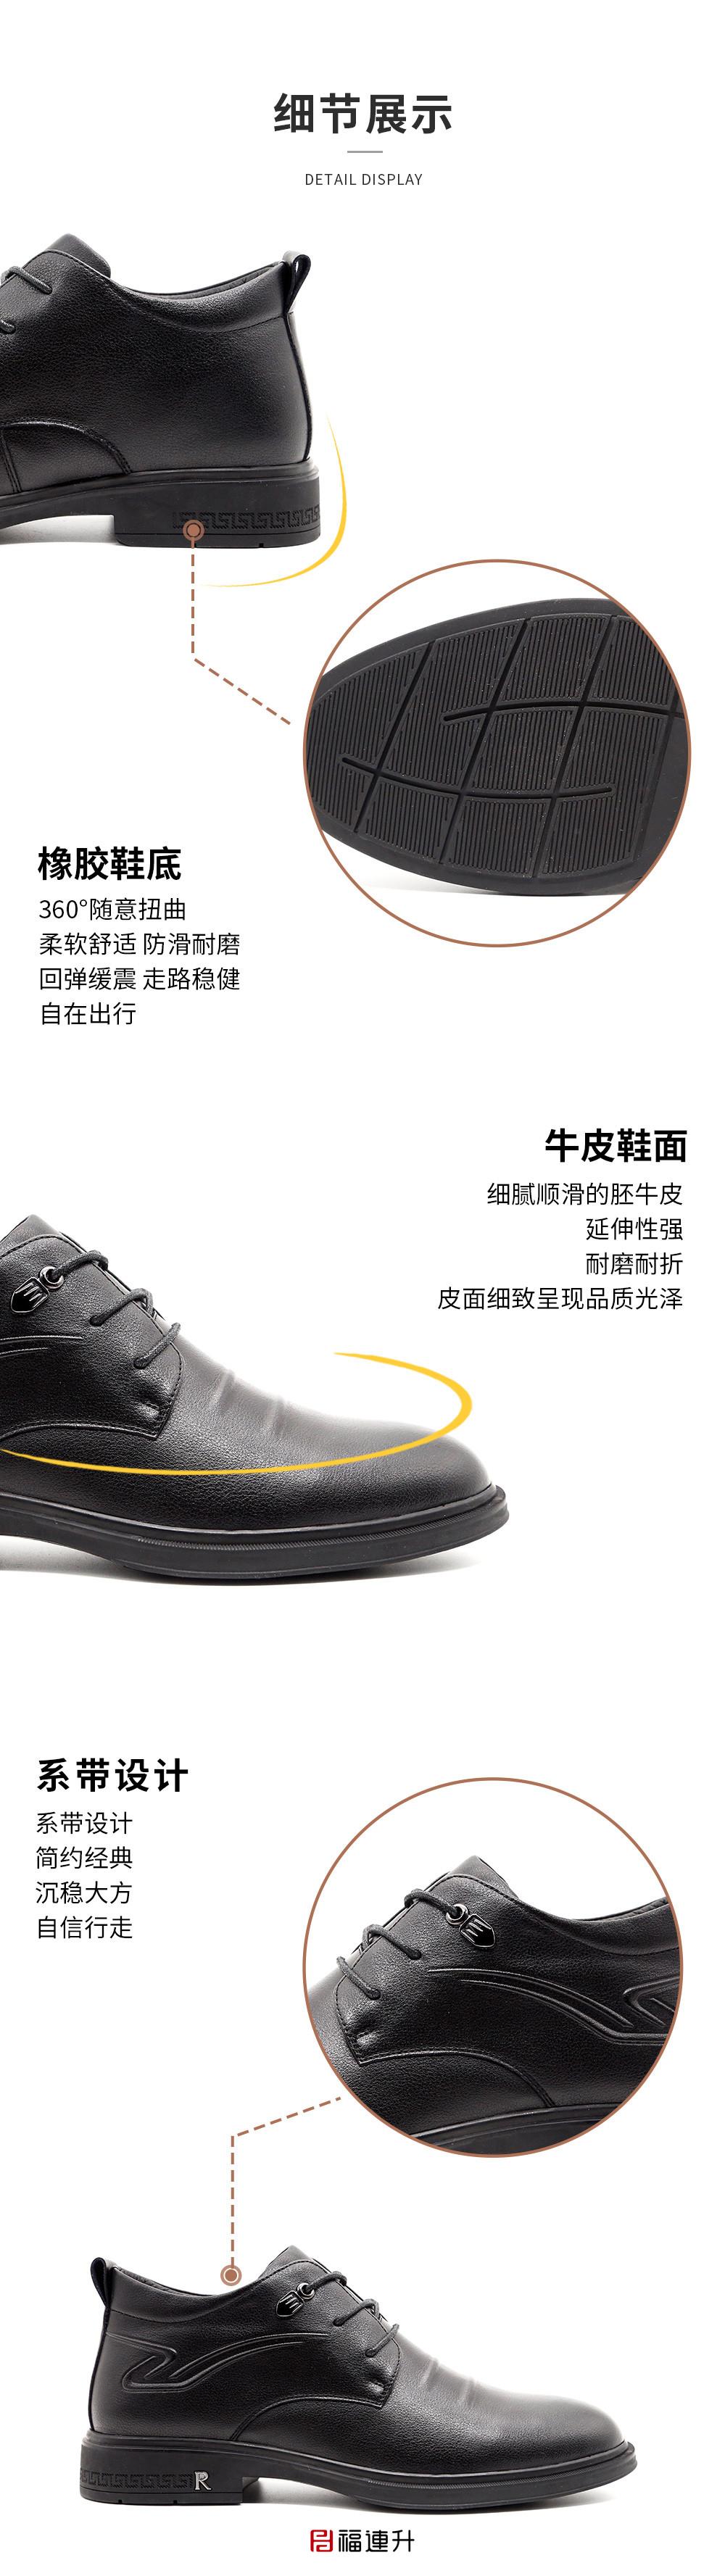 福连升休闲鞋商务男鞋 真皮正装牛皮鞋男橡胶底保暖系带休闲皮鞋图片